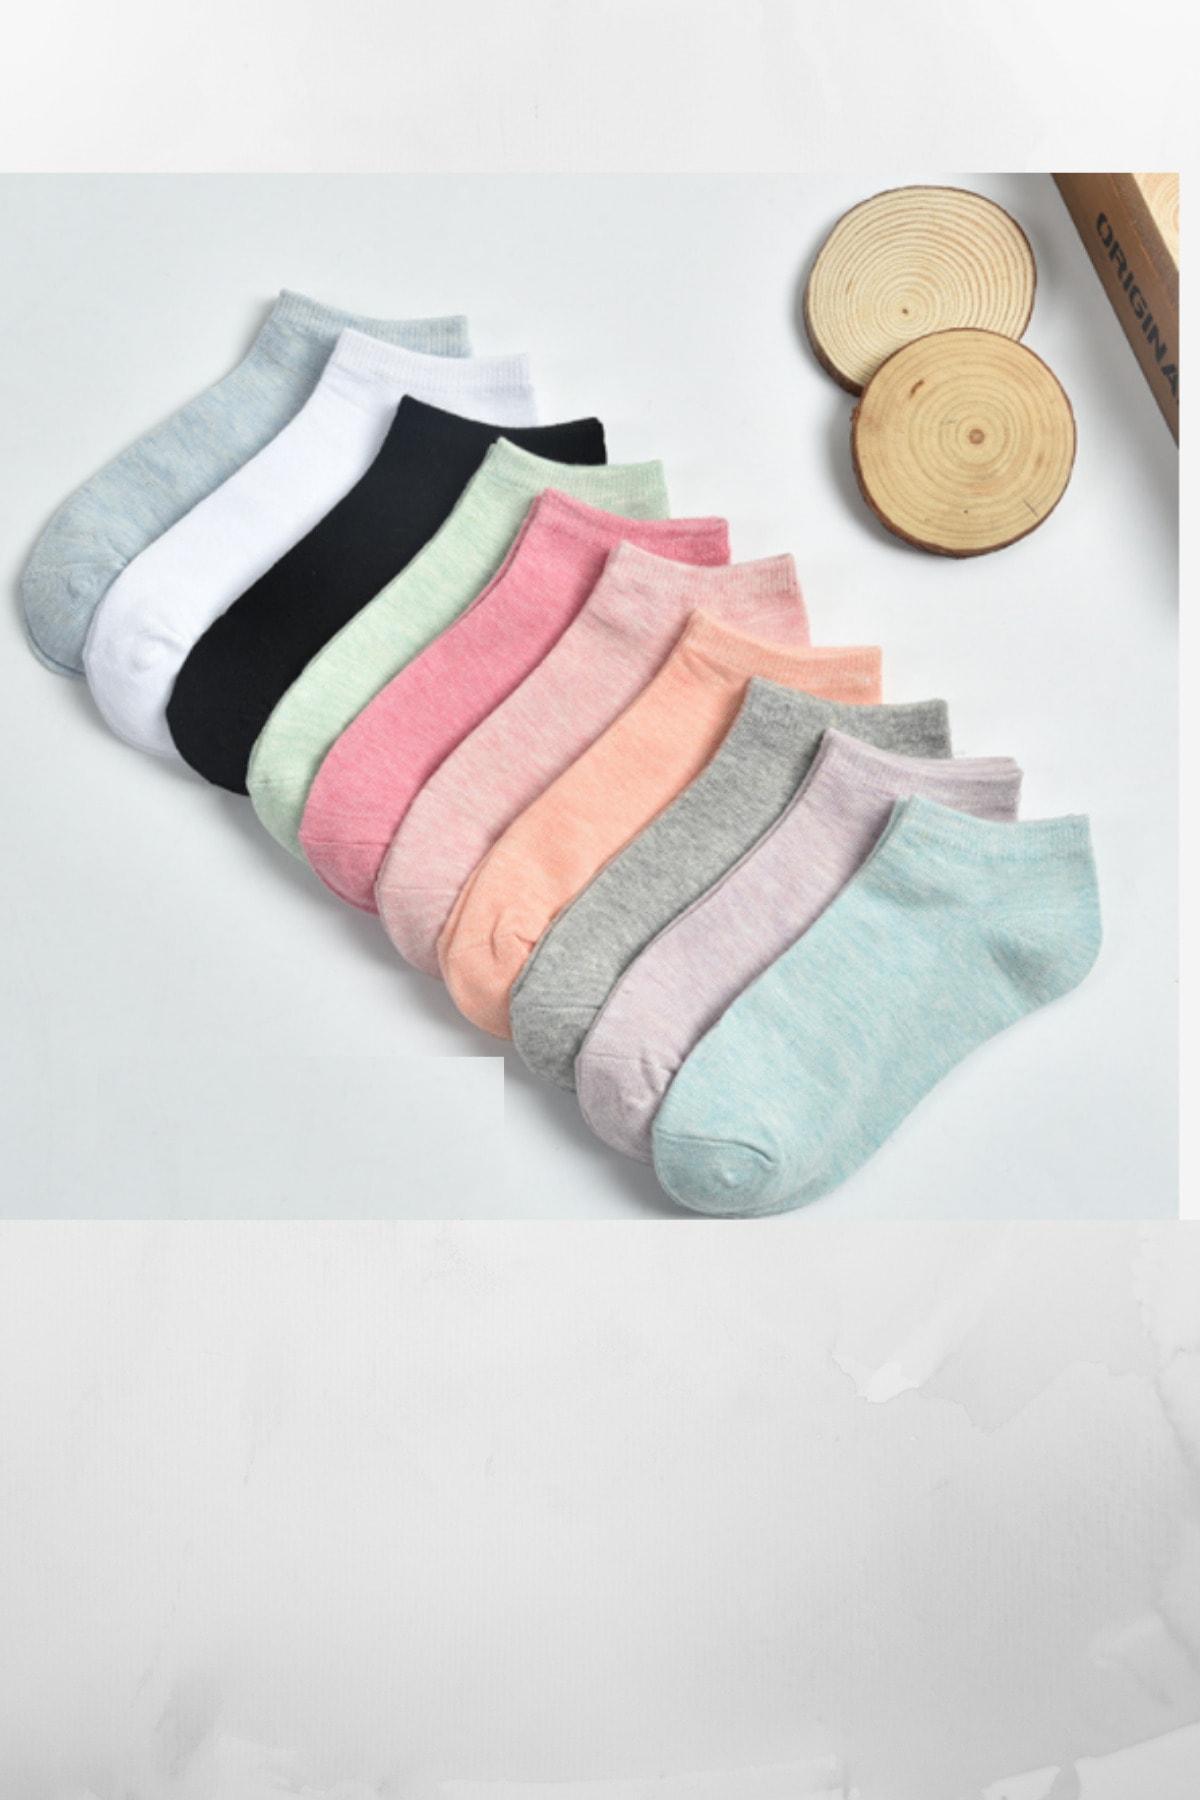 socksbox 10 Çift Kadın Koton Çok Renkli Çorap 1